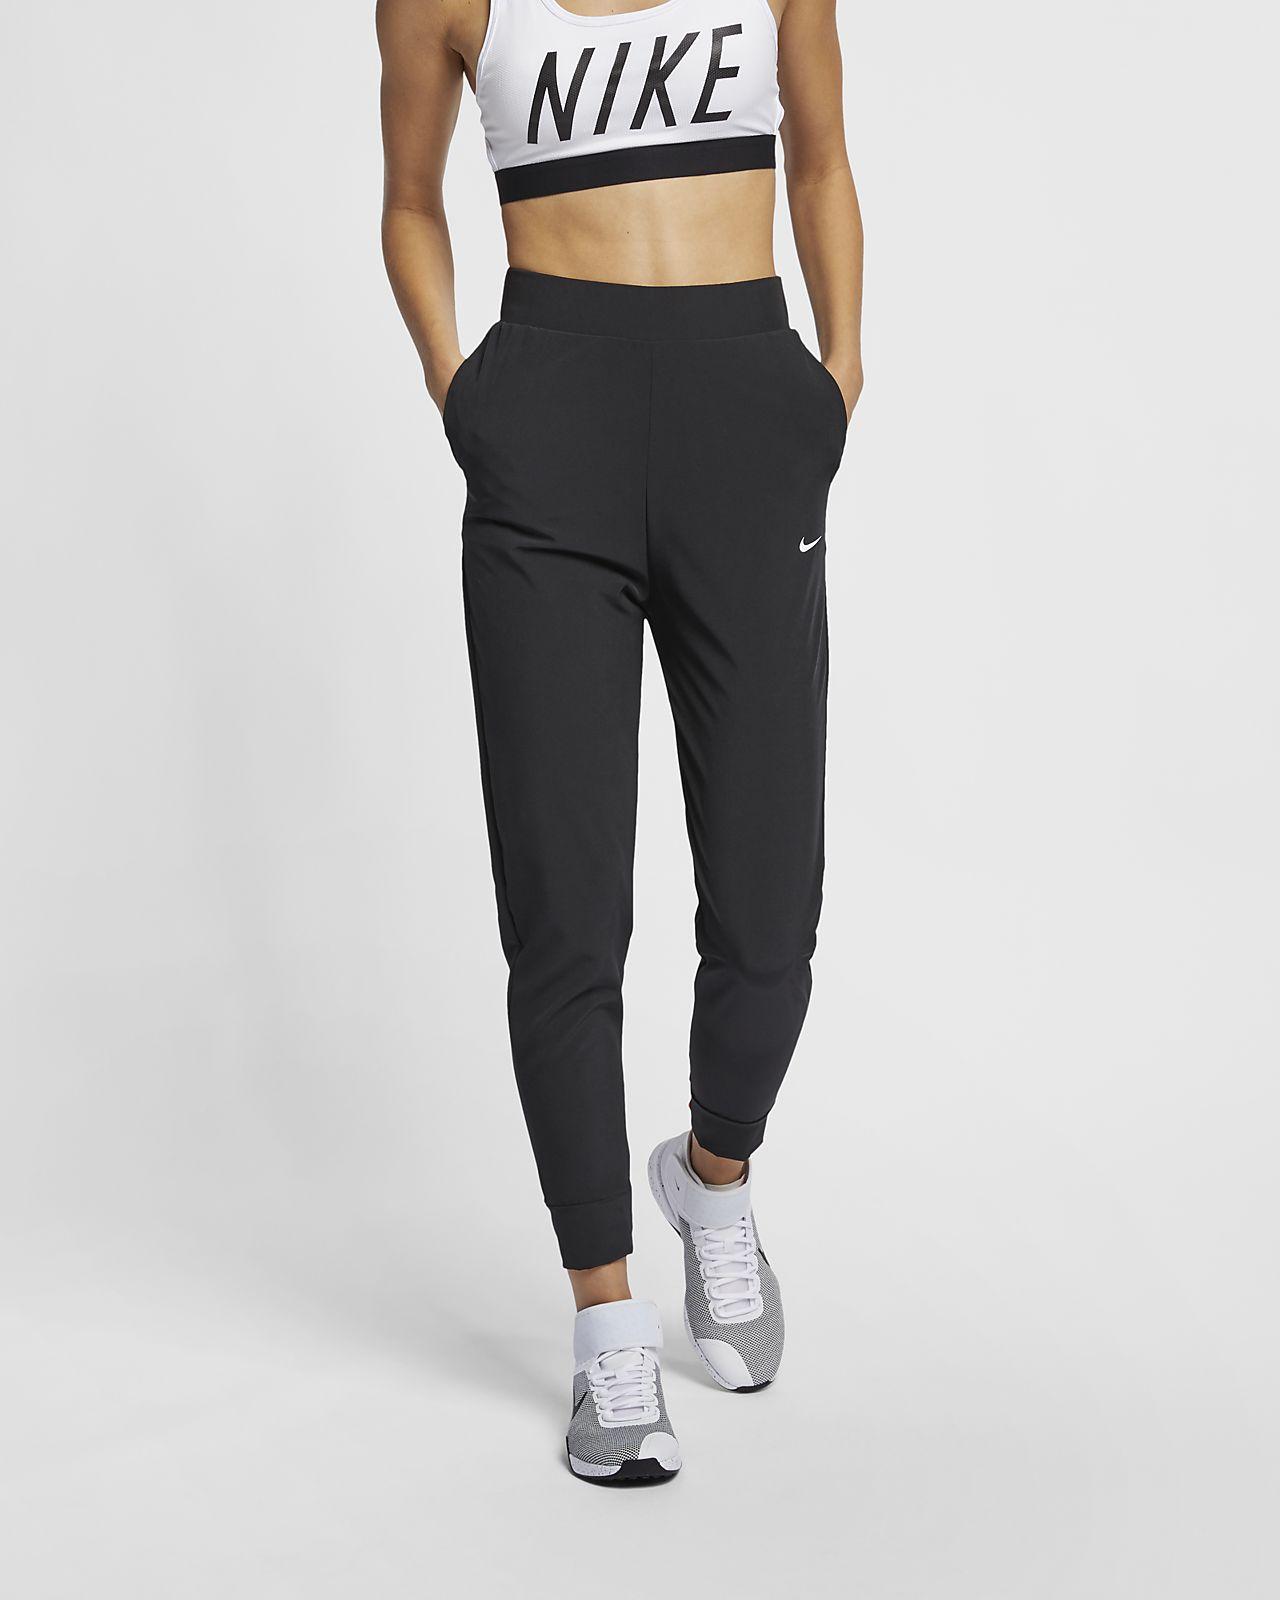 Nike Bliss Pantalons d'entrenament - Dona